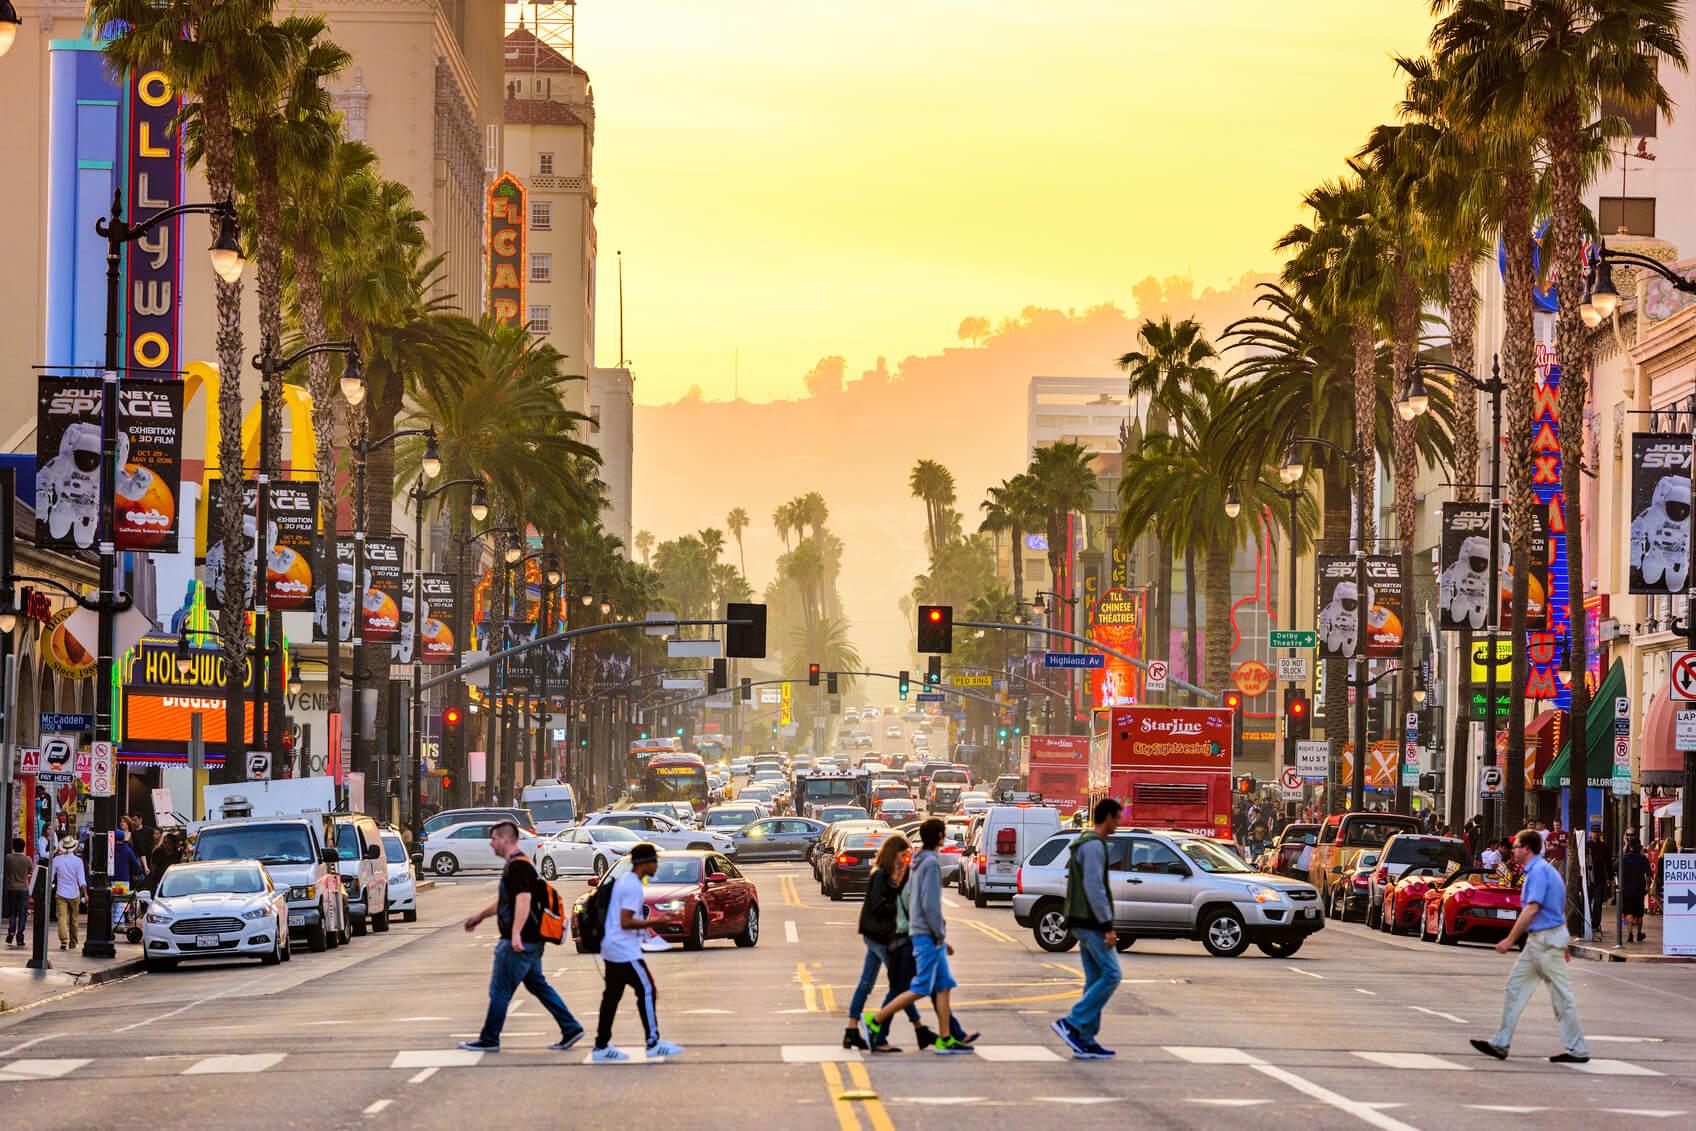 10 ciudades para visitar este 2017 según Lonely Planet